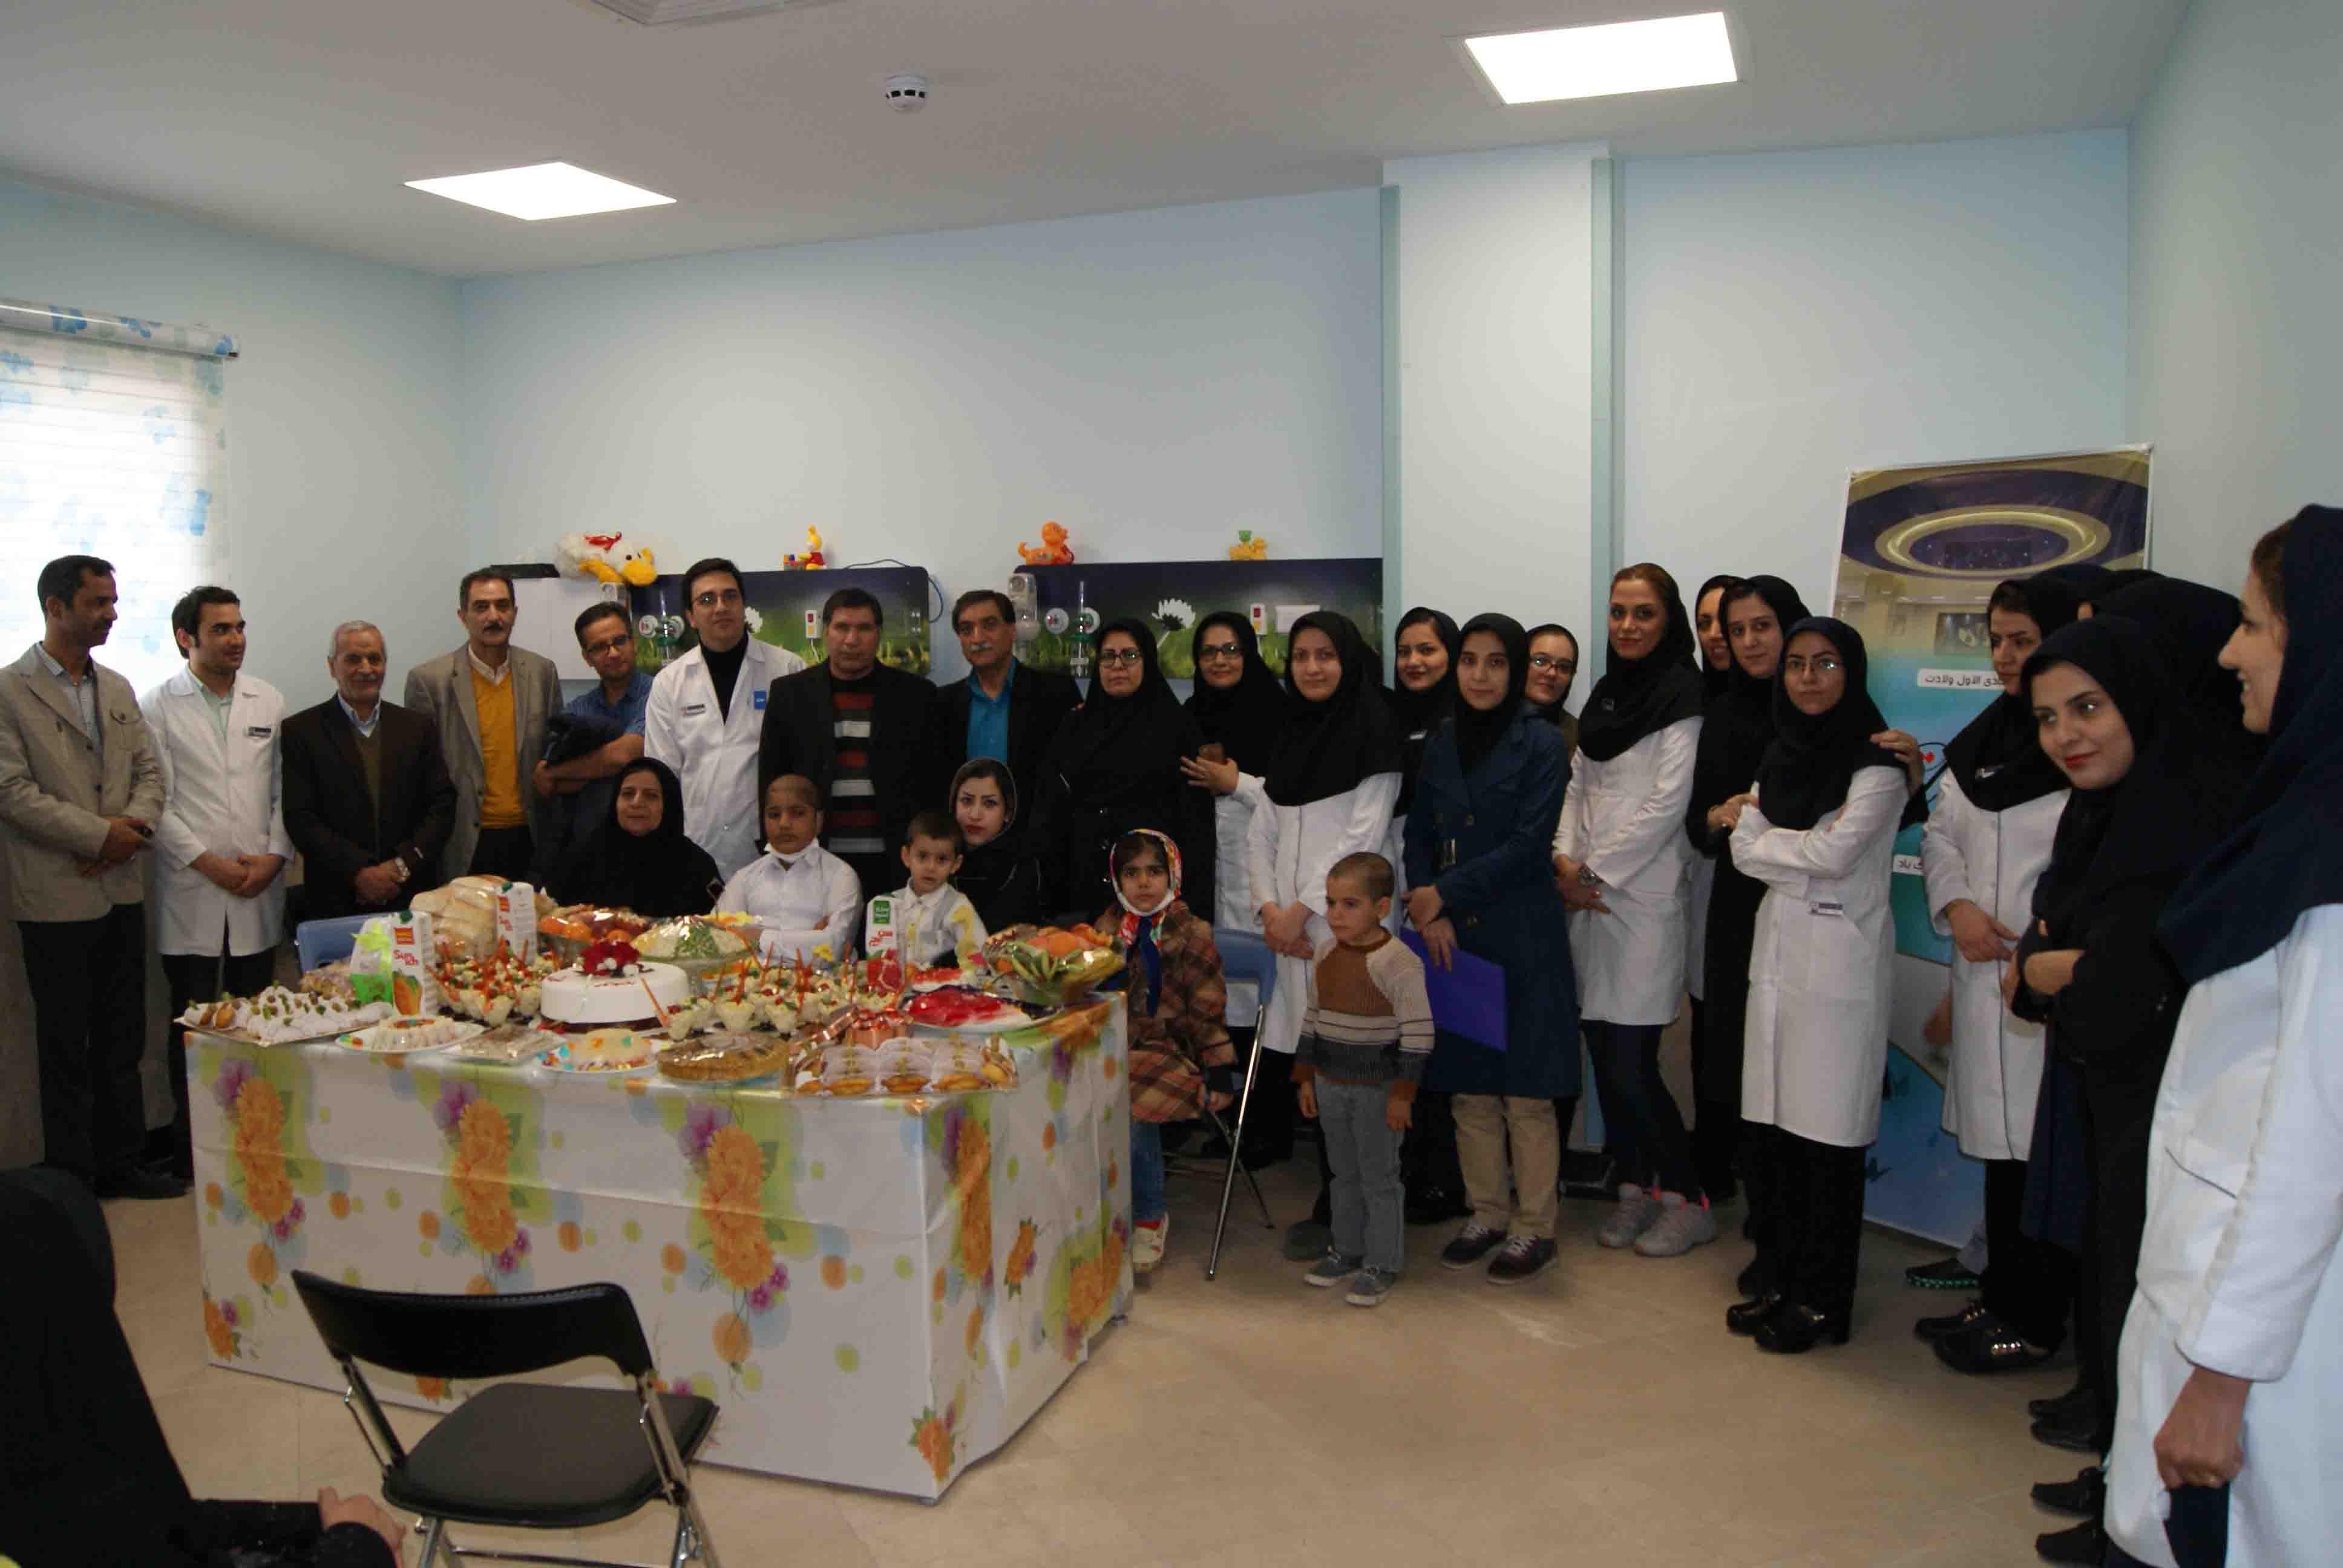 تقدیر از پرستاران گرانقدر بیمارستان ایران مهر بمناسبت روز پرستار